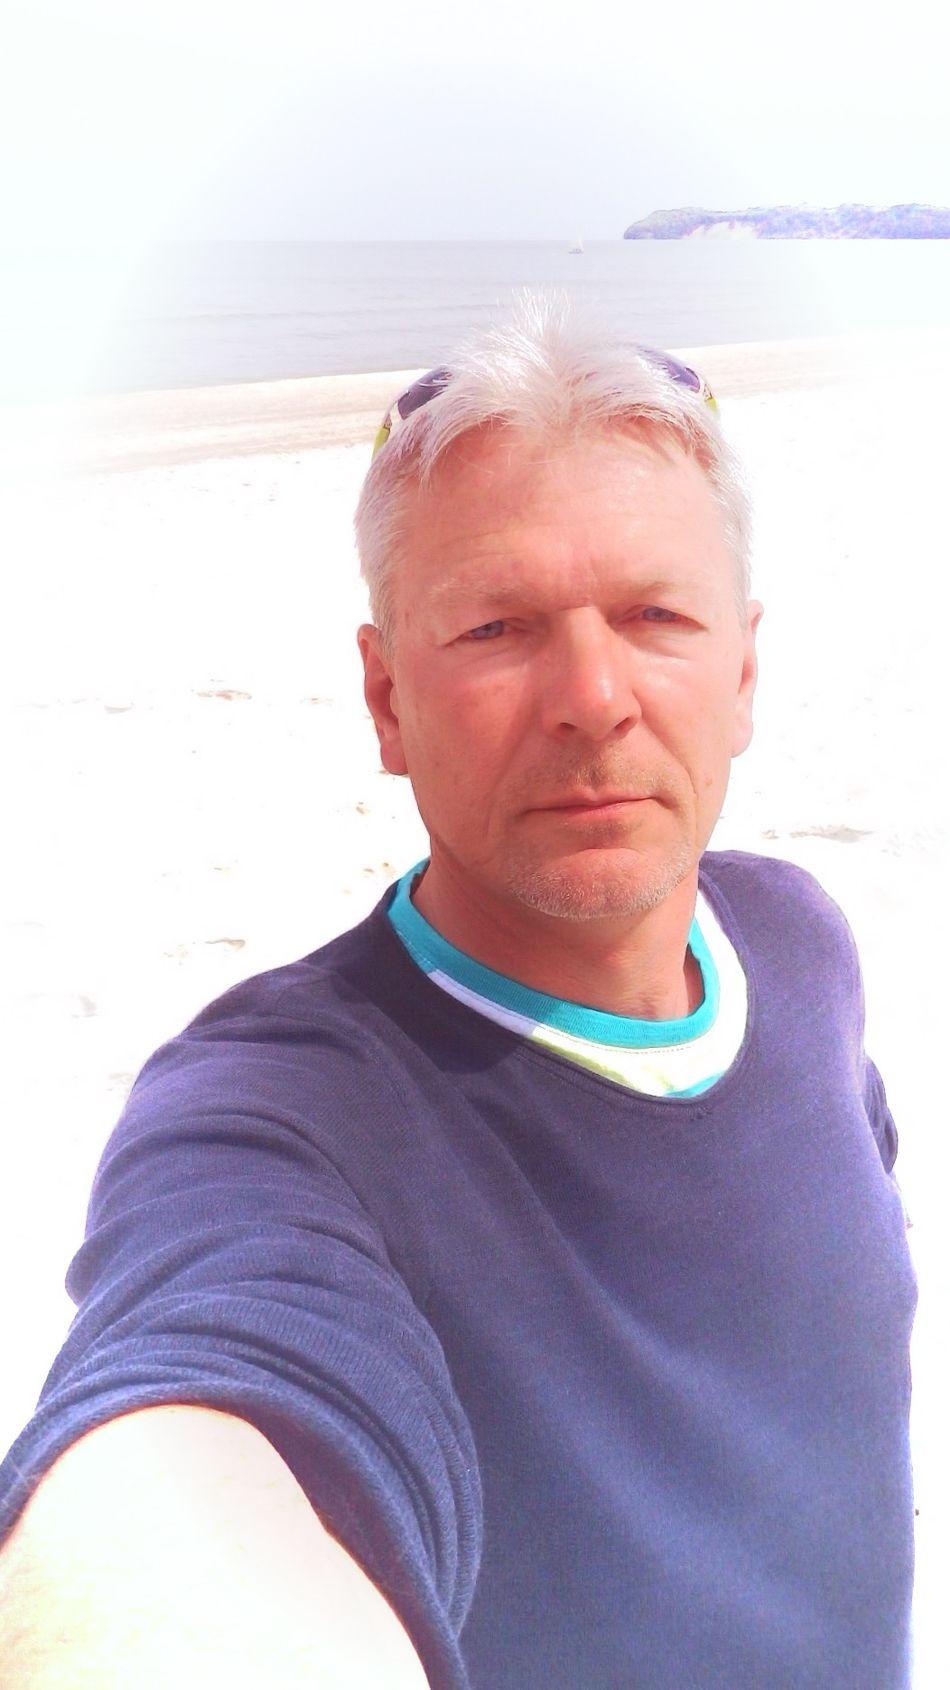 Selfie😎 Faces Of EyeEm ThatsMe Selfportrait Baltic Sea Rügen Hi!!! People Of EyeEm Naturelover